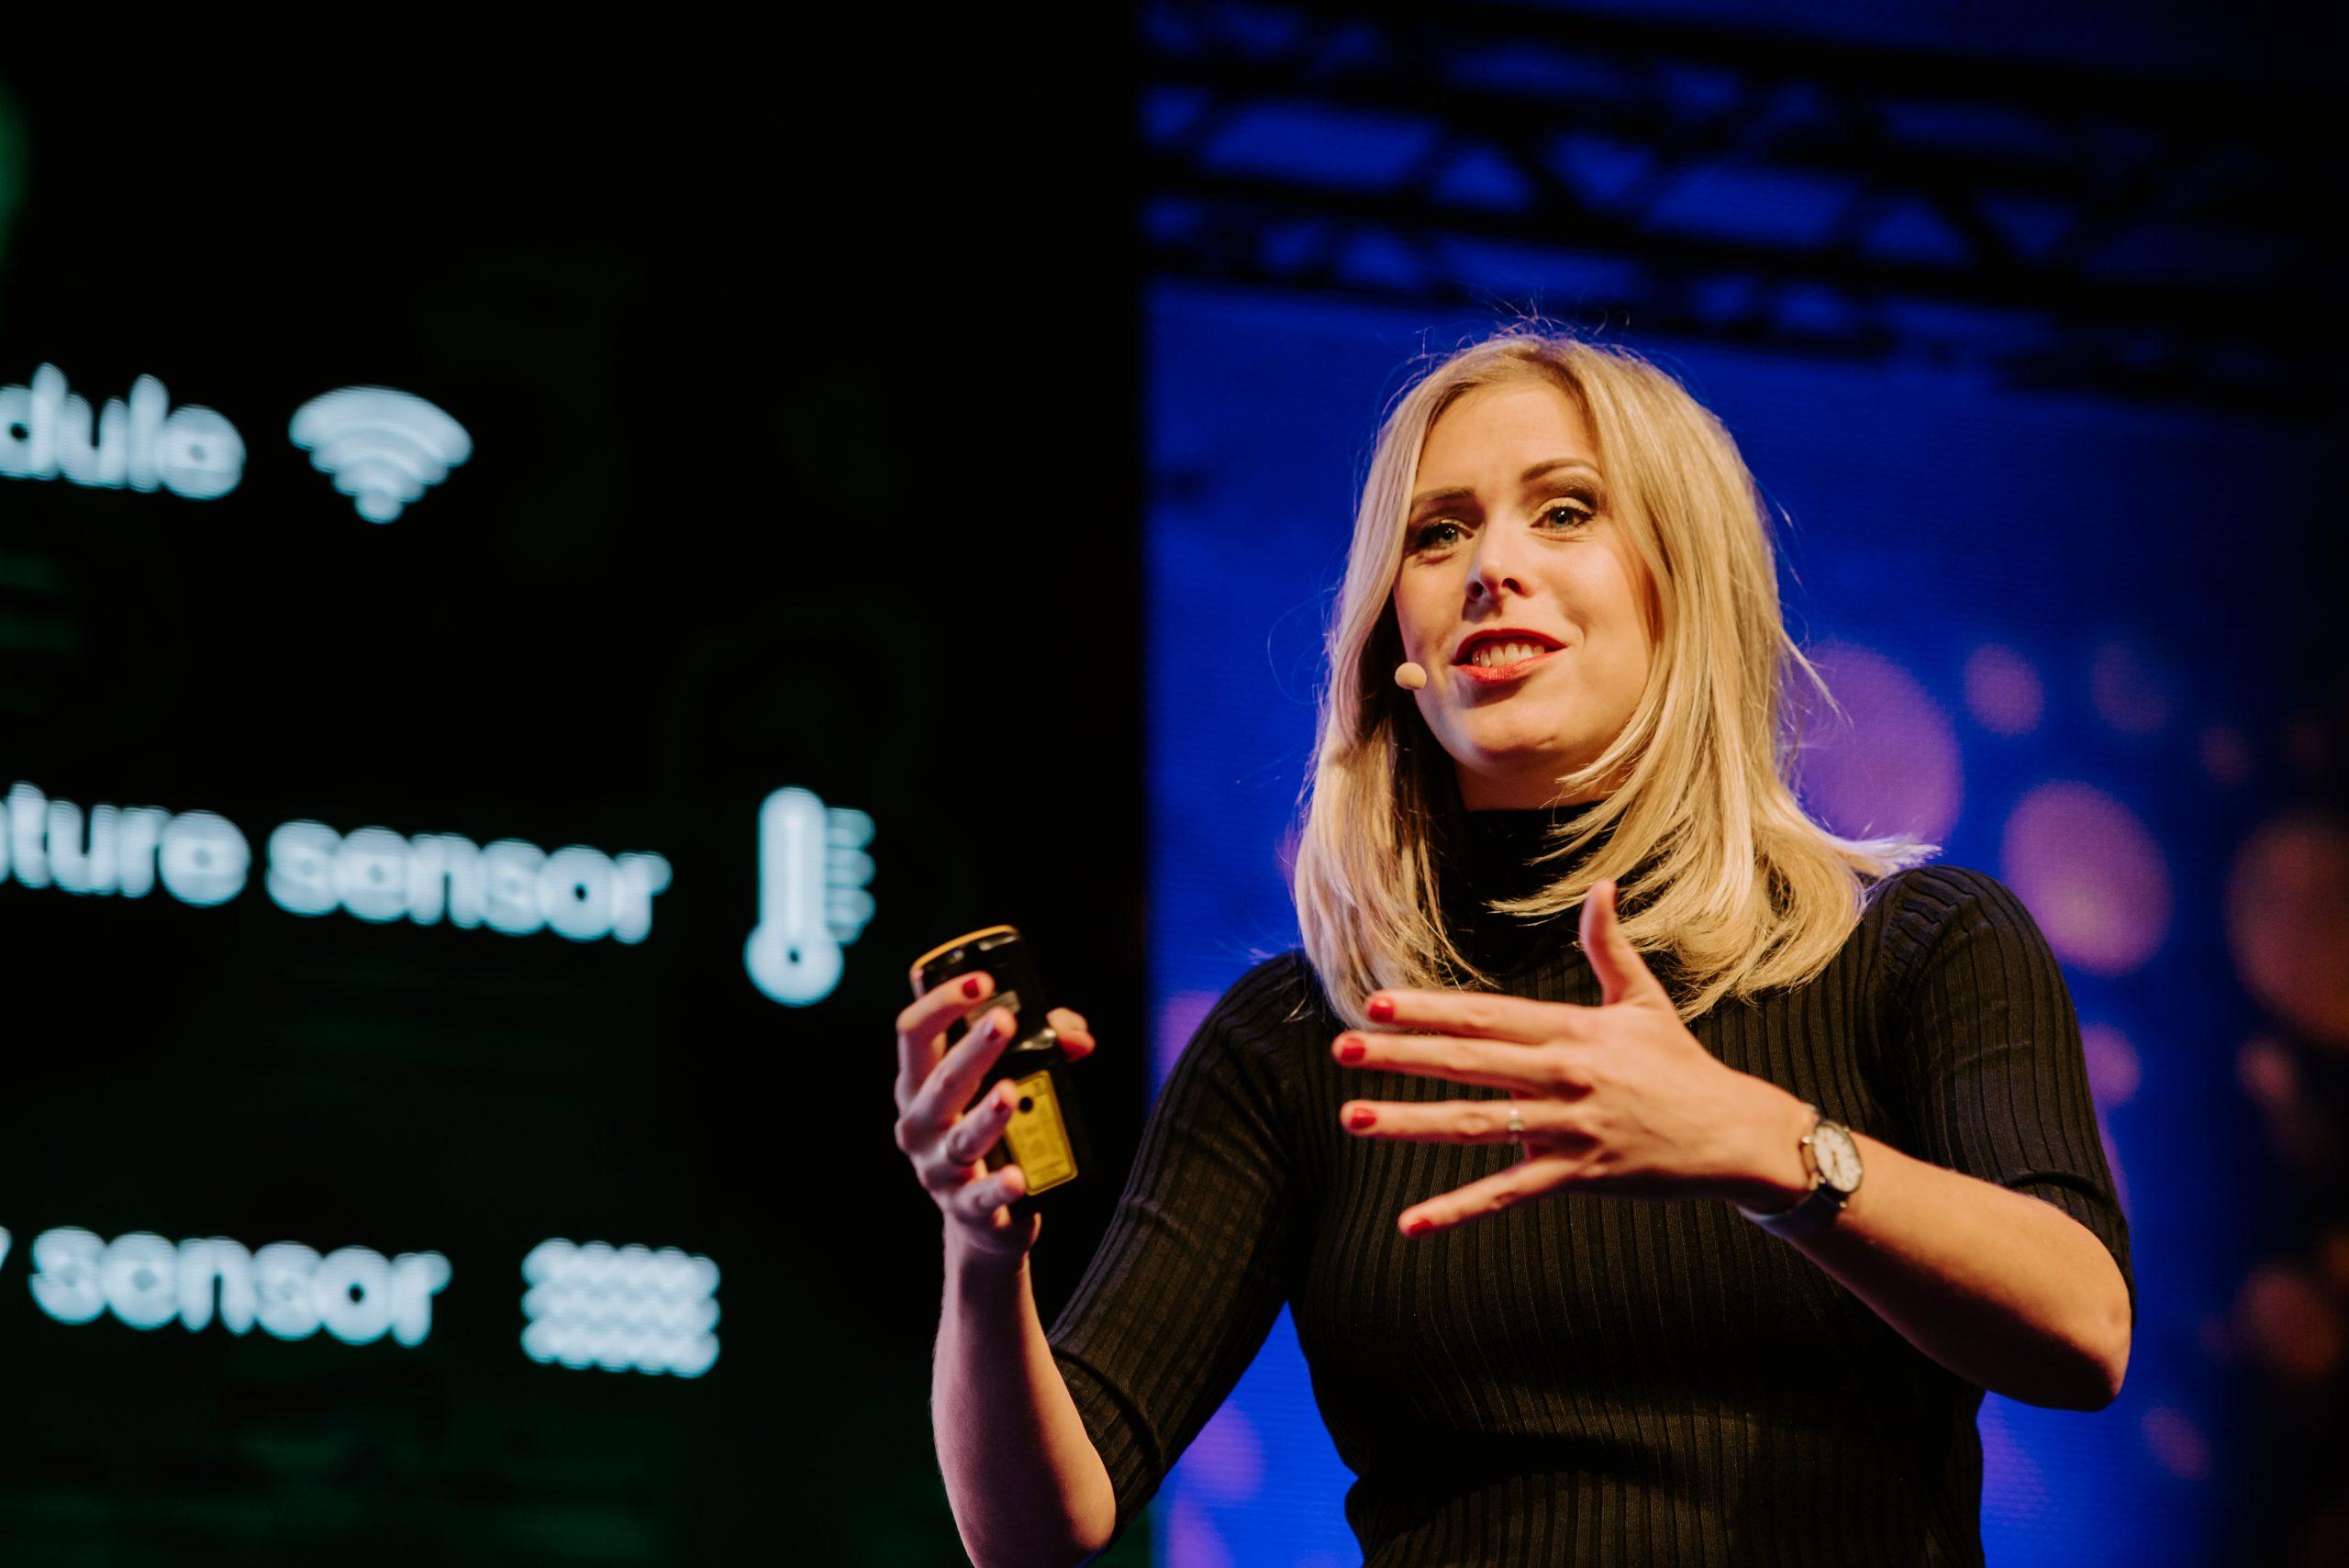 Janne Vereijken Global Entrepreneurship Week 2019 'The Future of Entrepreneurship' / De toekomst van ondernemern